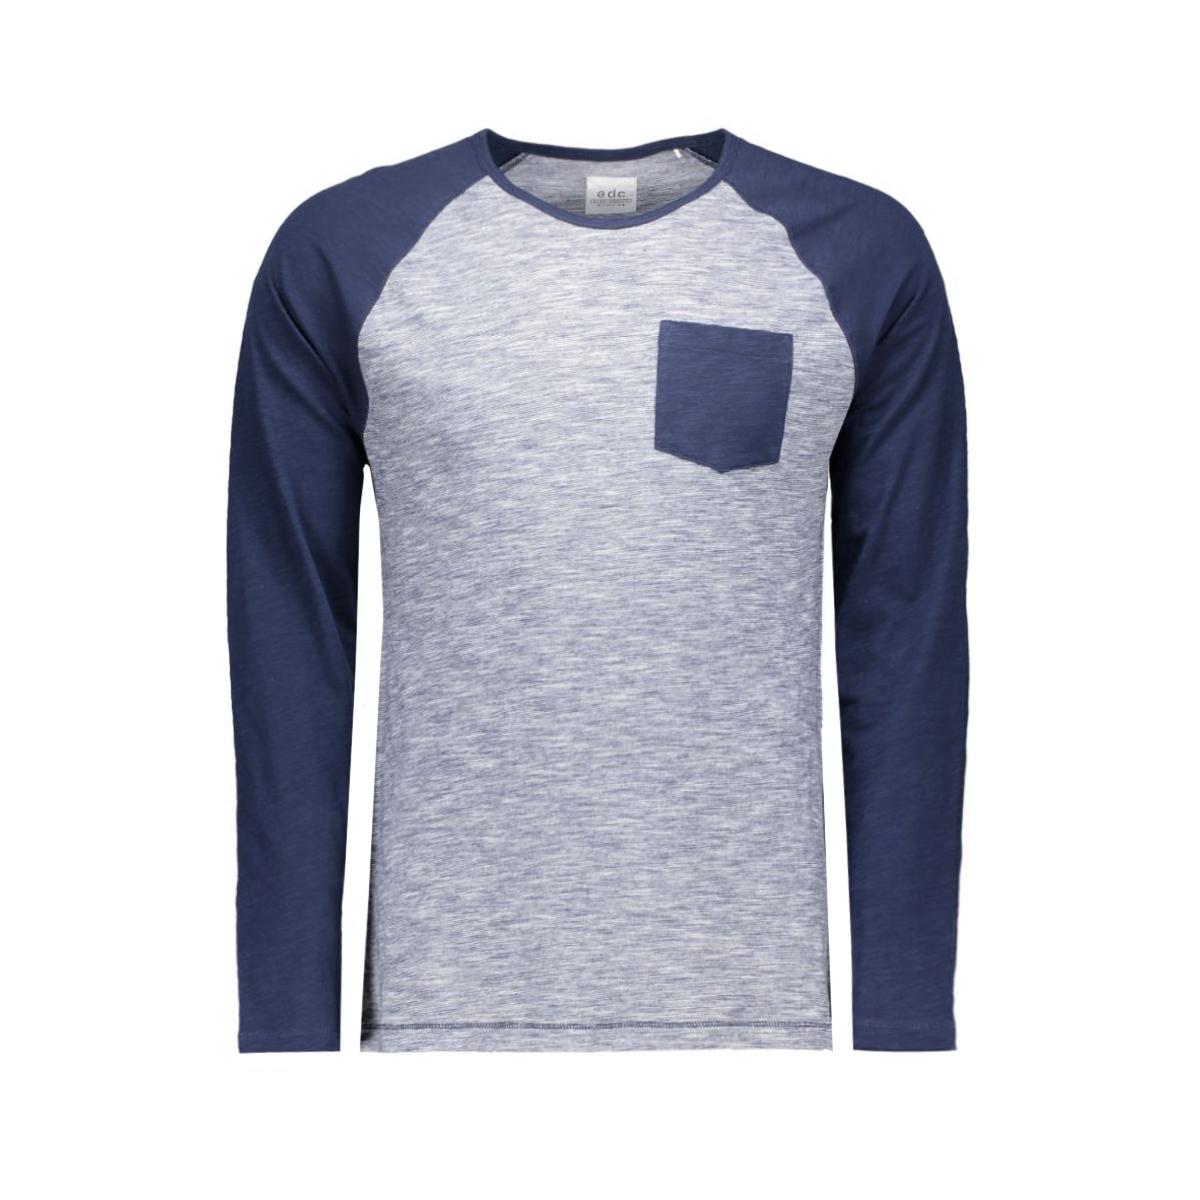 086cc2k014 edc t-shirt c400